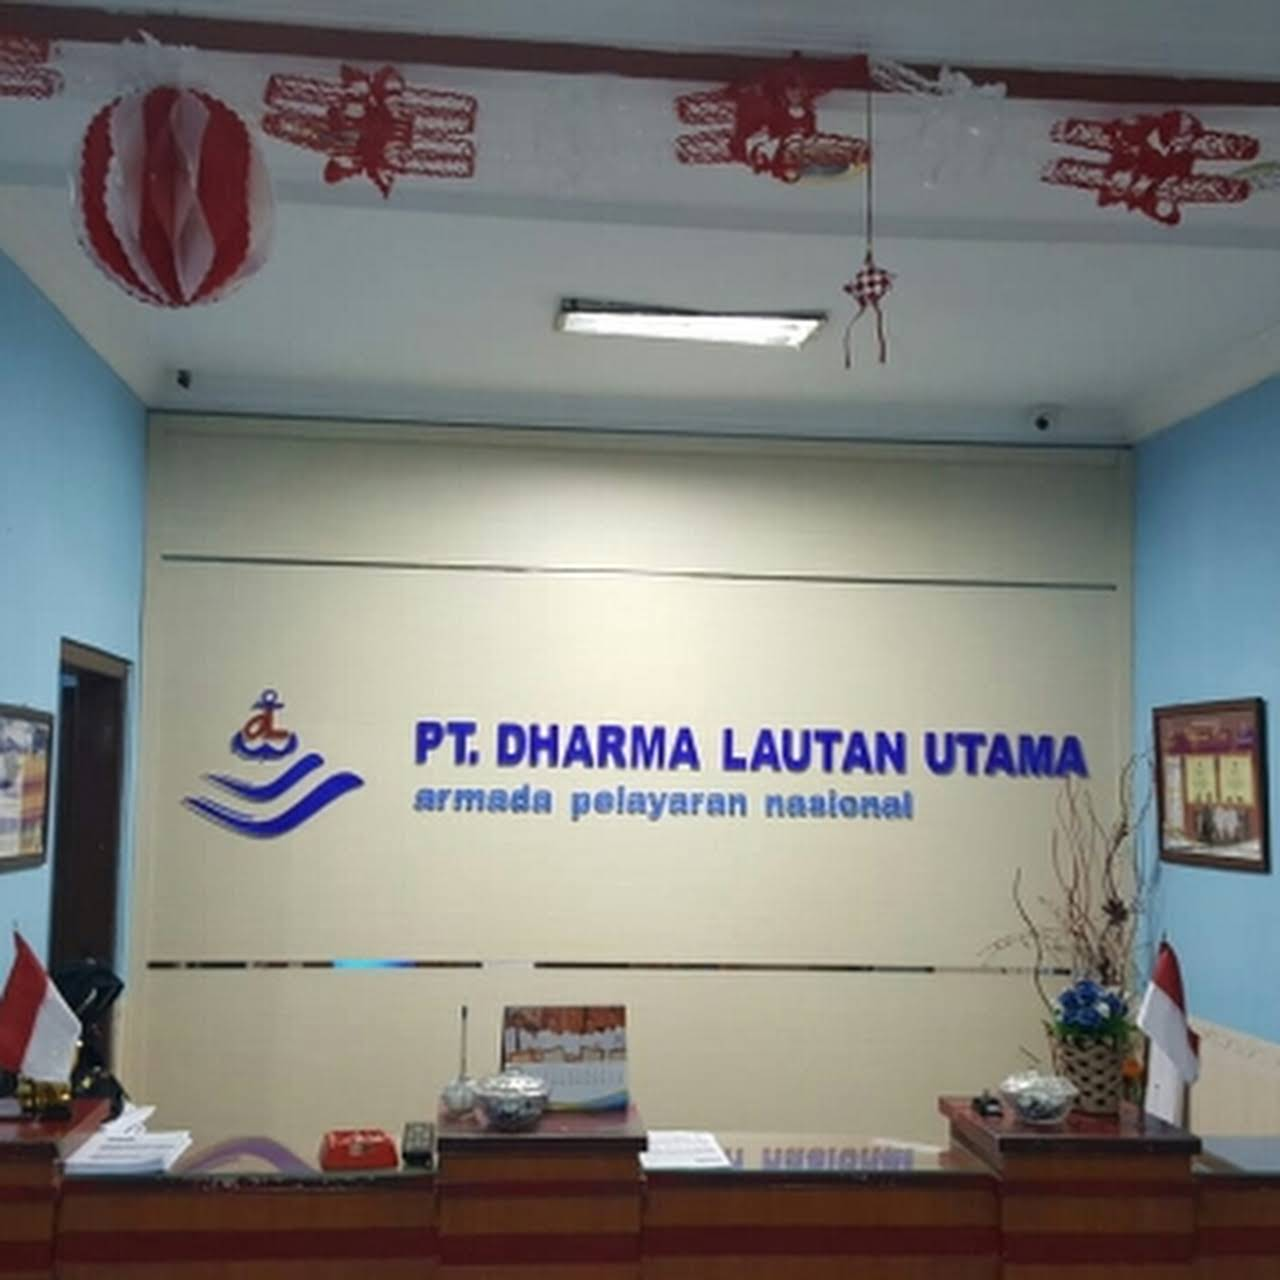 Pt Dharma Lautan Utama Cabang Kumai Armada Pelayaran Nasional